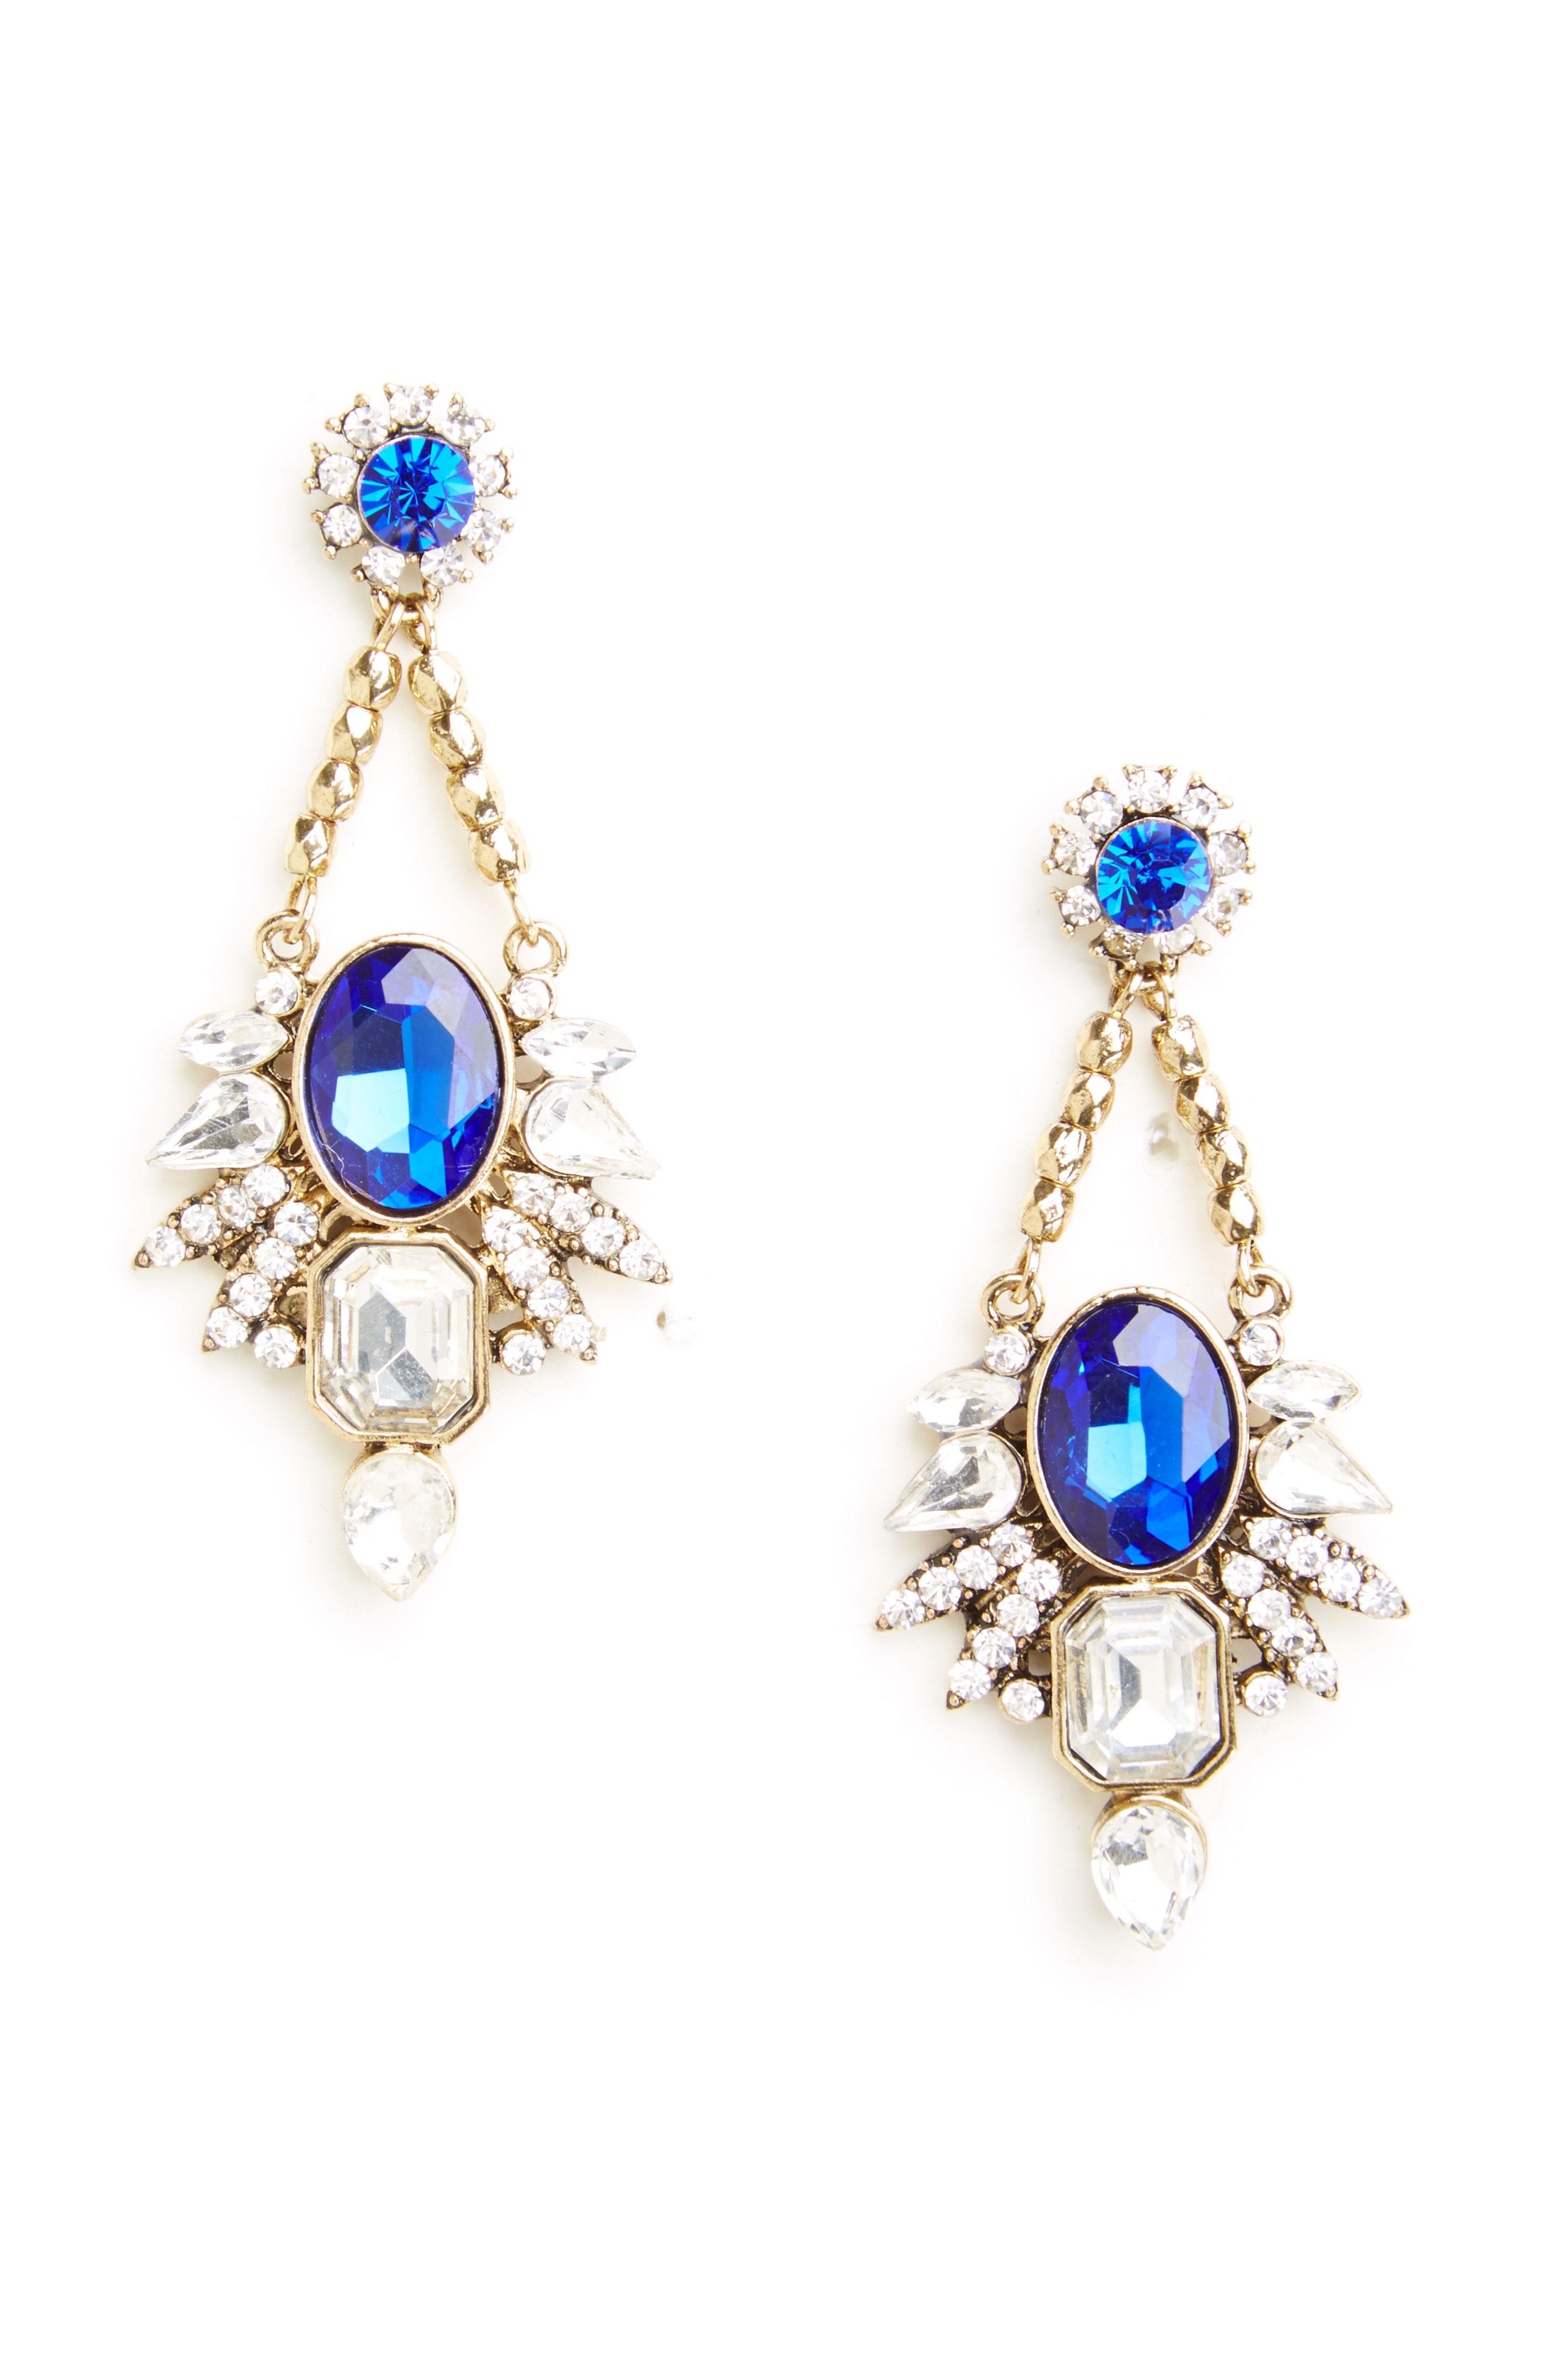 DAILYLOOK Zellweger Crystal Chandelier Earrings in silver/blue at DAILYLOOK